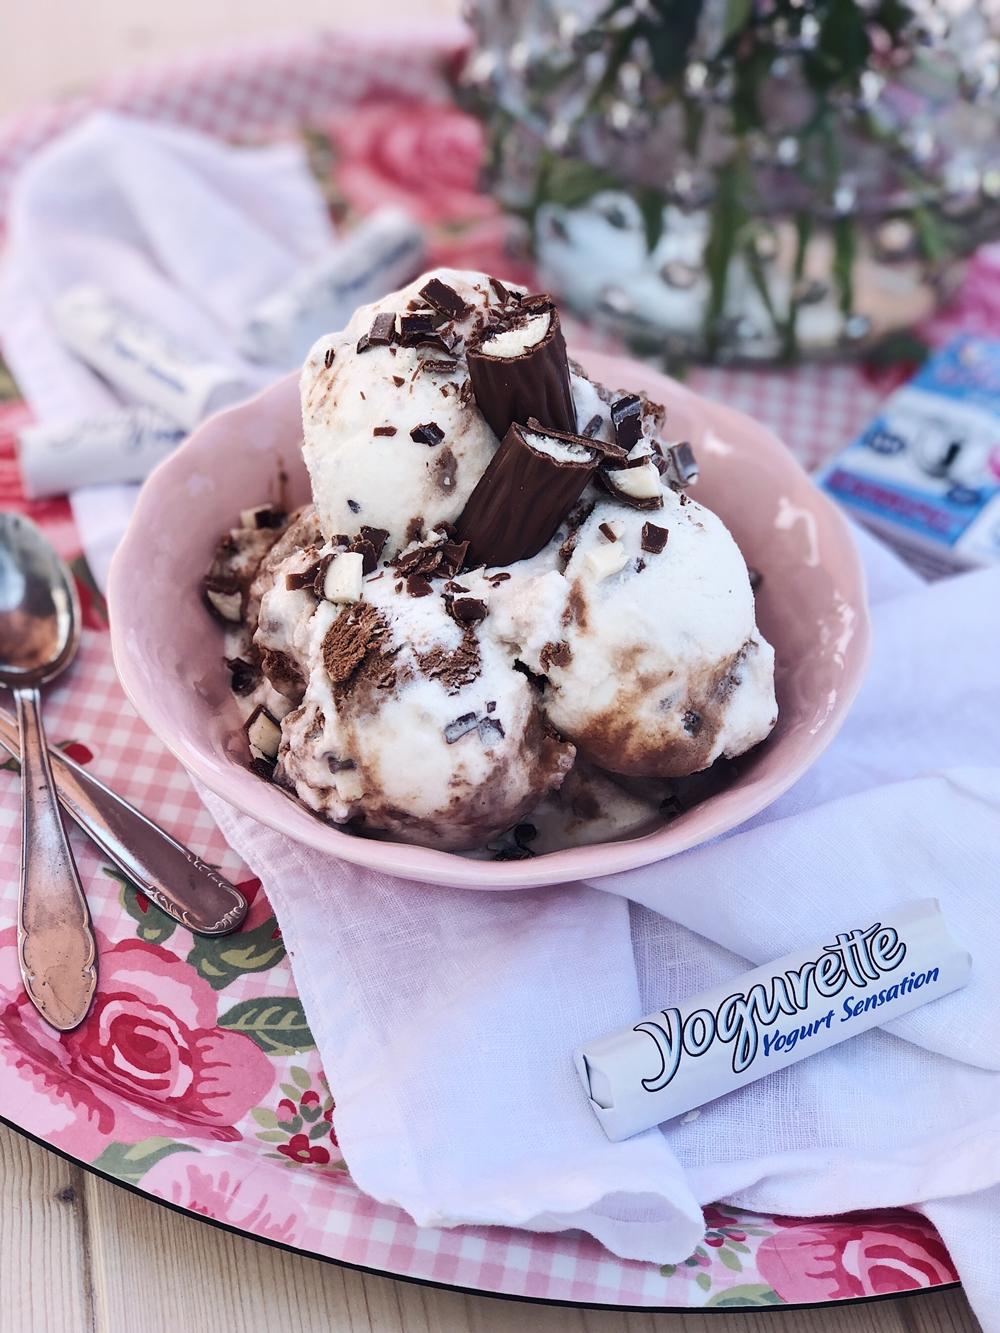 Joghurt-Schoko-Yogurette Eis